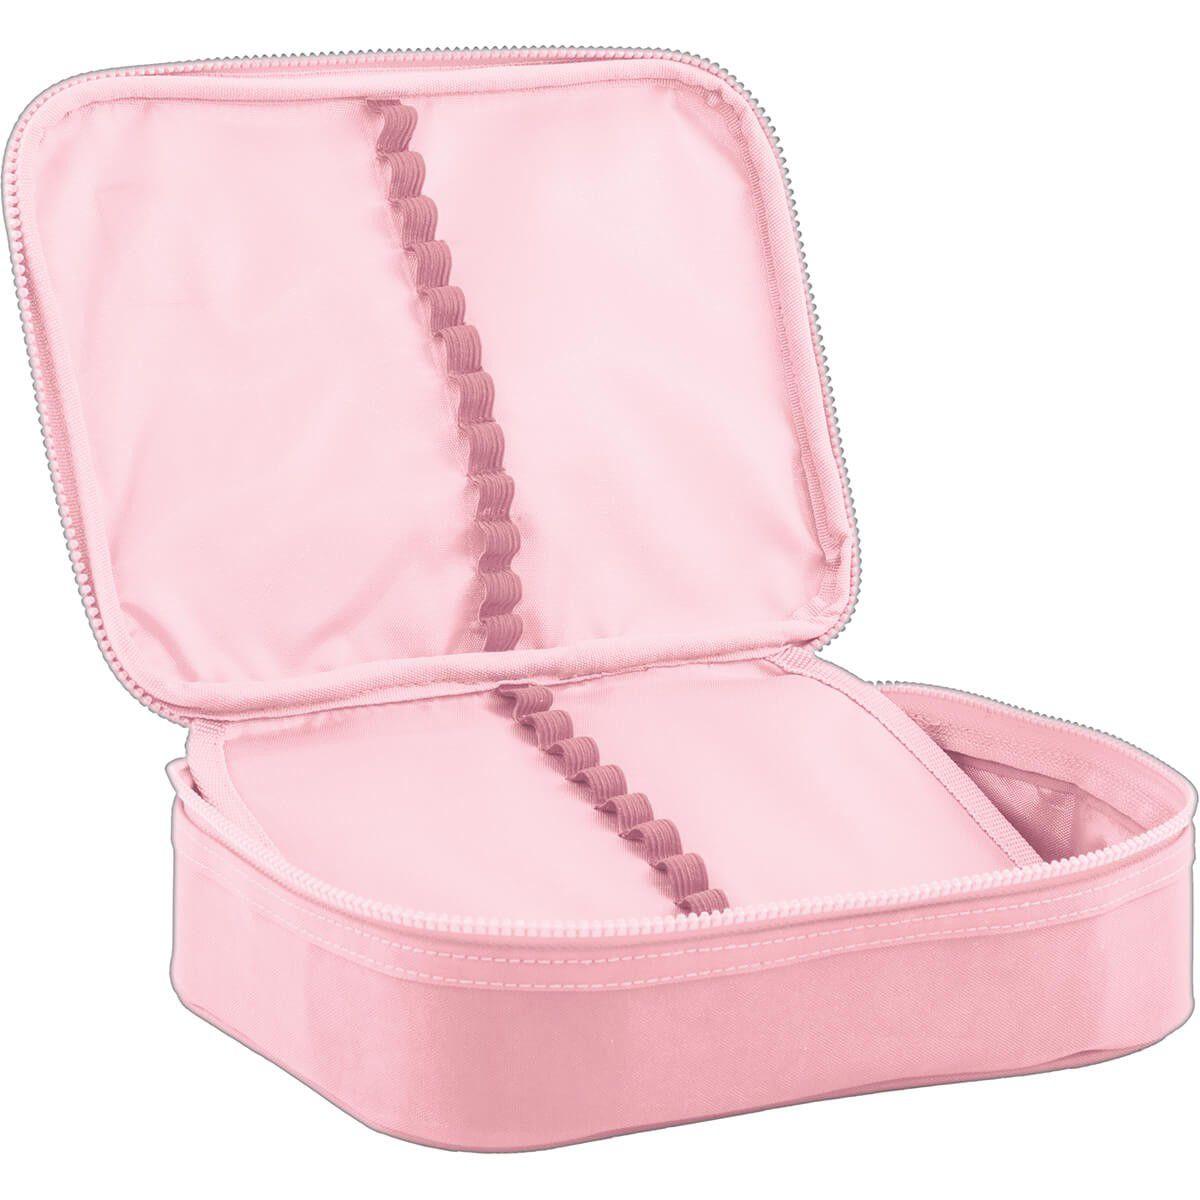 Estojo Box Academie Rosa Tilibra 305103 16396